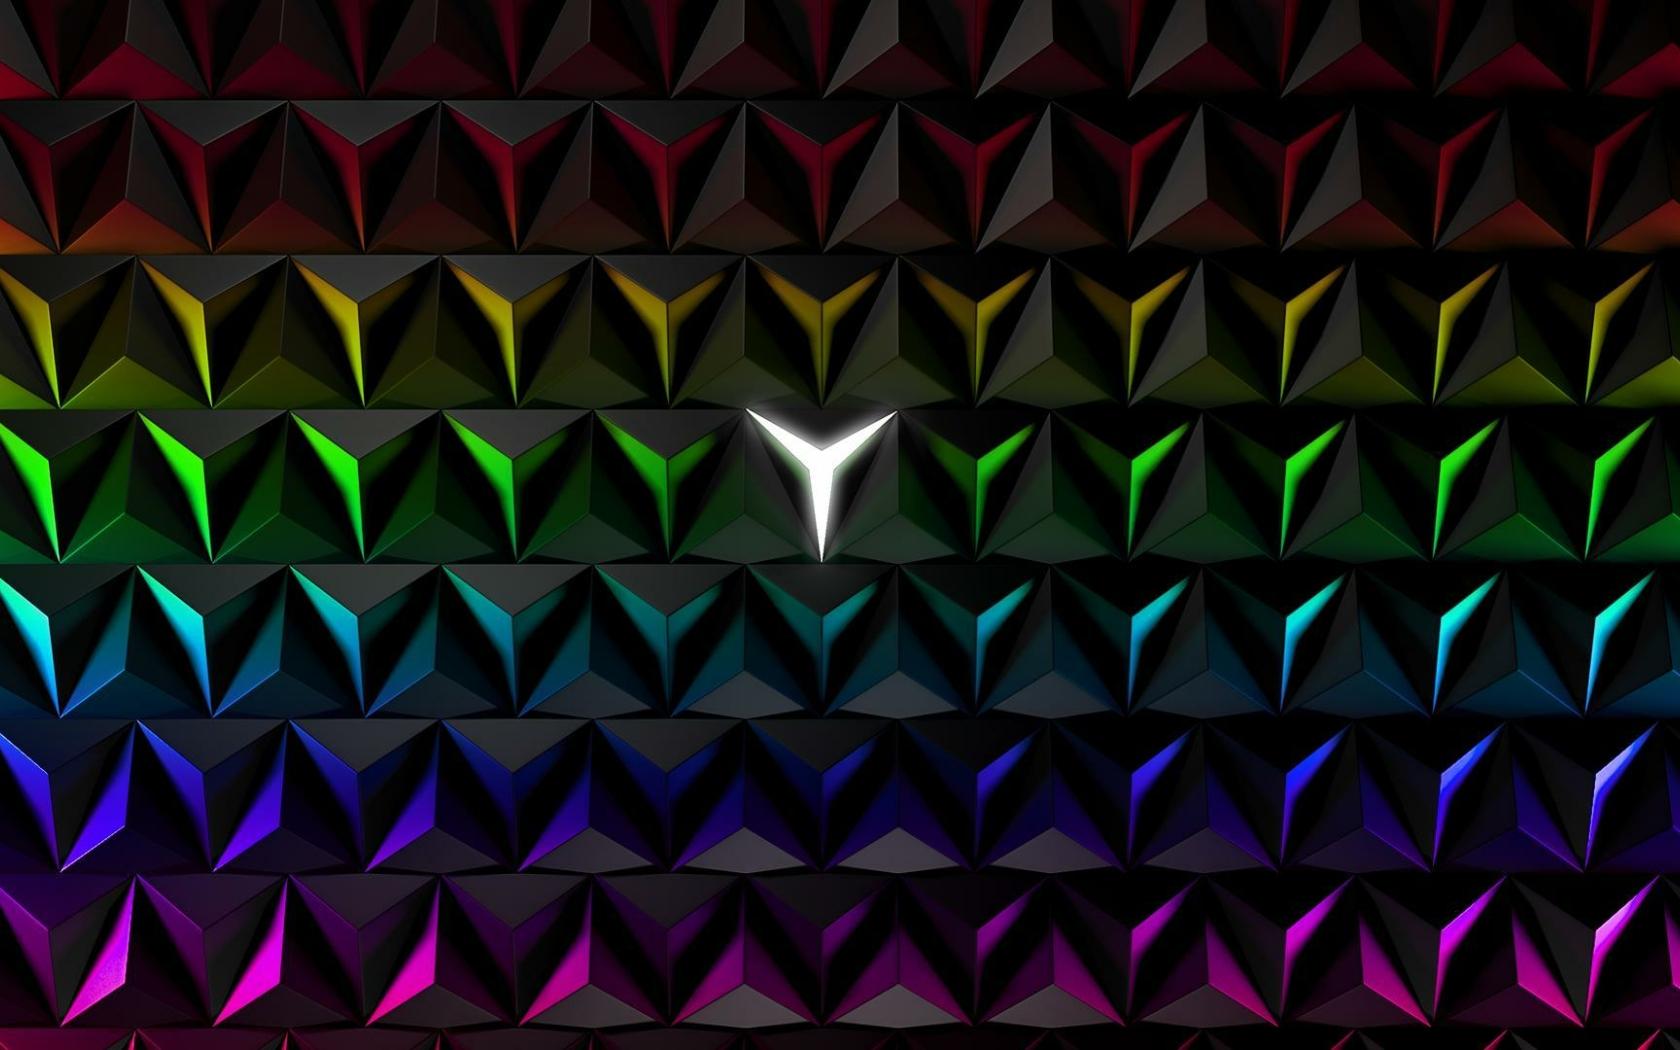 1680x1050 Lenovo Legion Background 1680x1050 Resolution